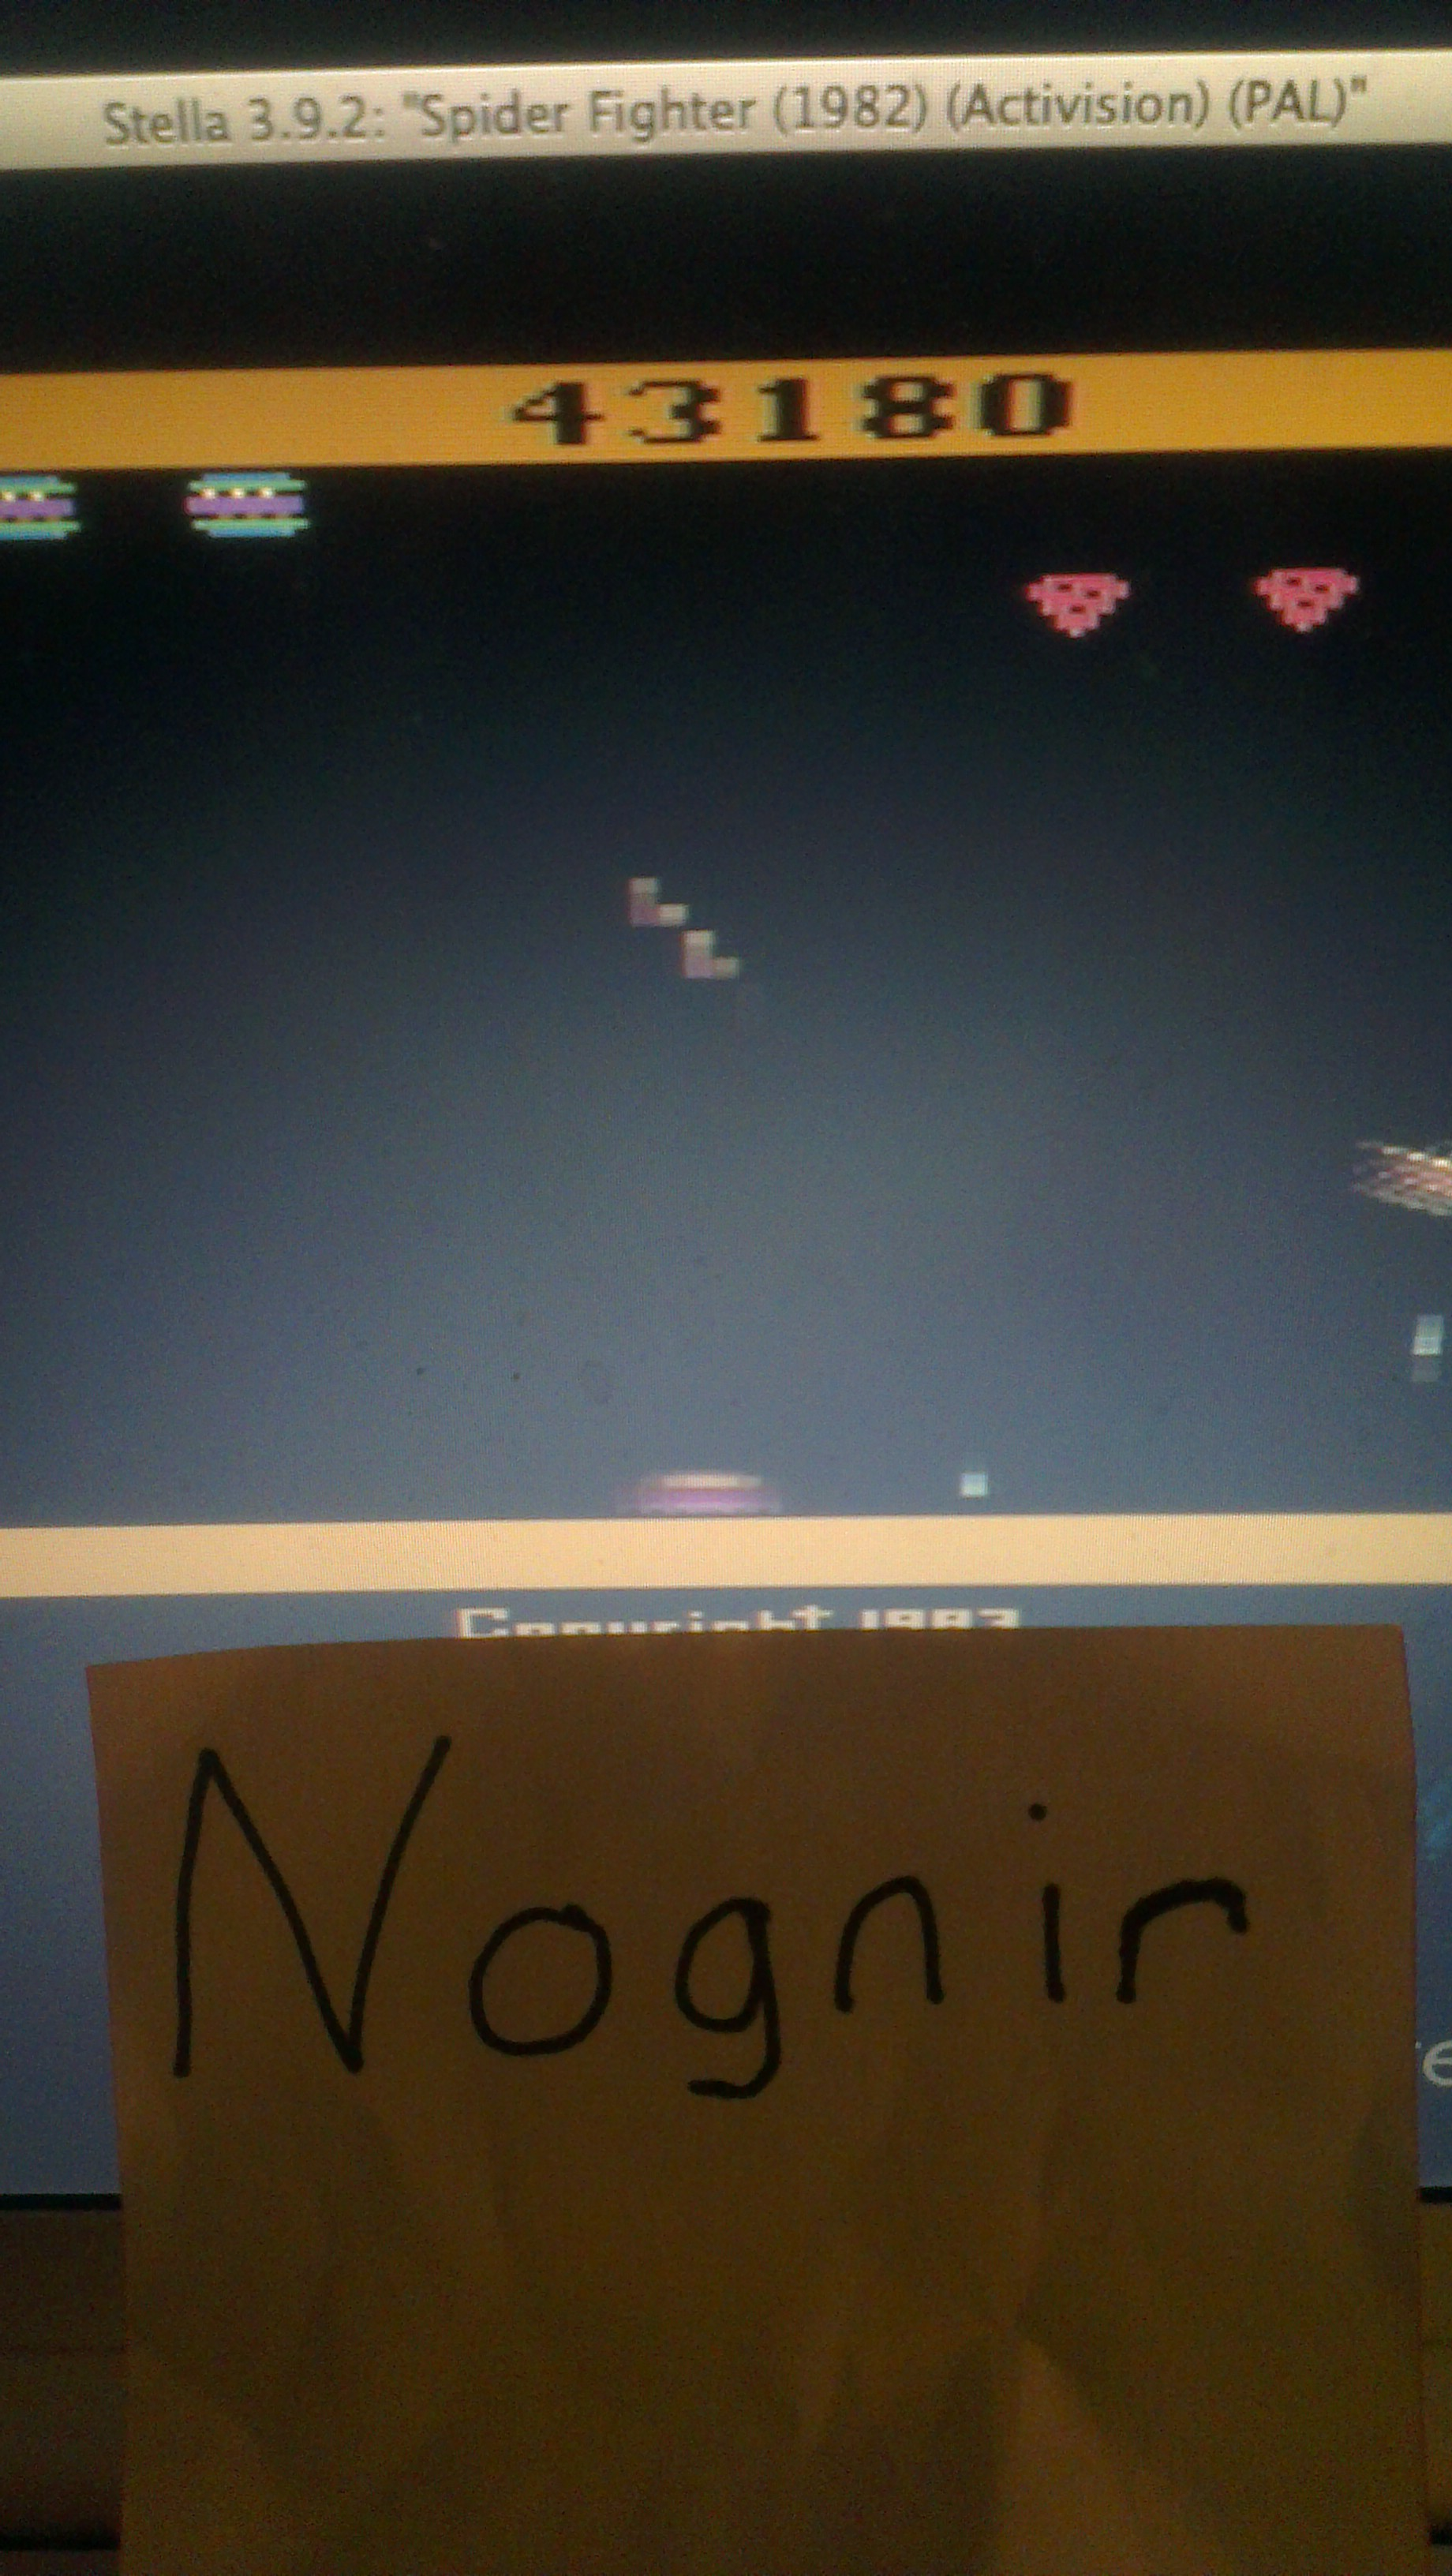 Nognir: Spider Fighter (Atari 2600 Emulated Novice/B Mode) 43,180 points on 2014-04-09 17:06:36